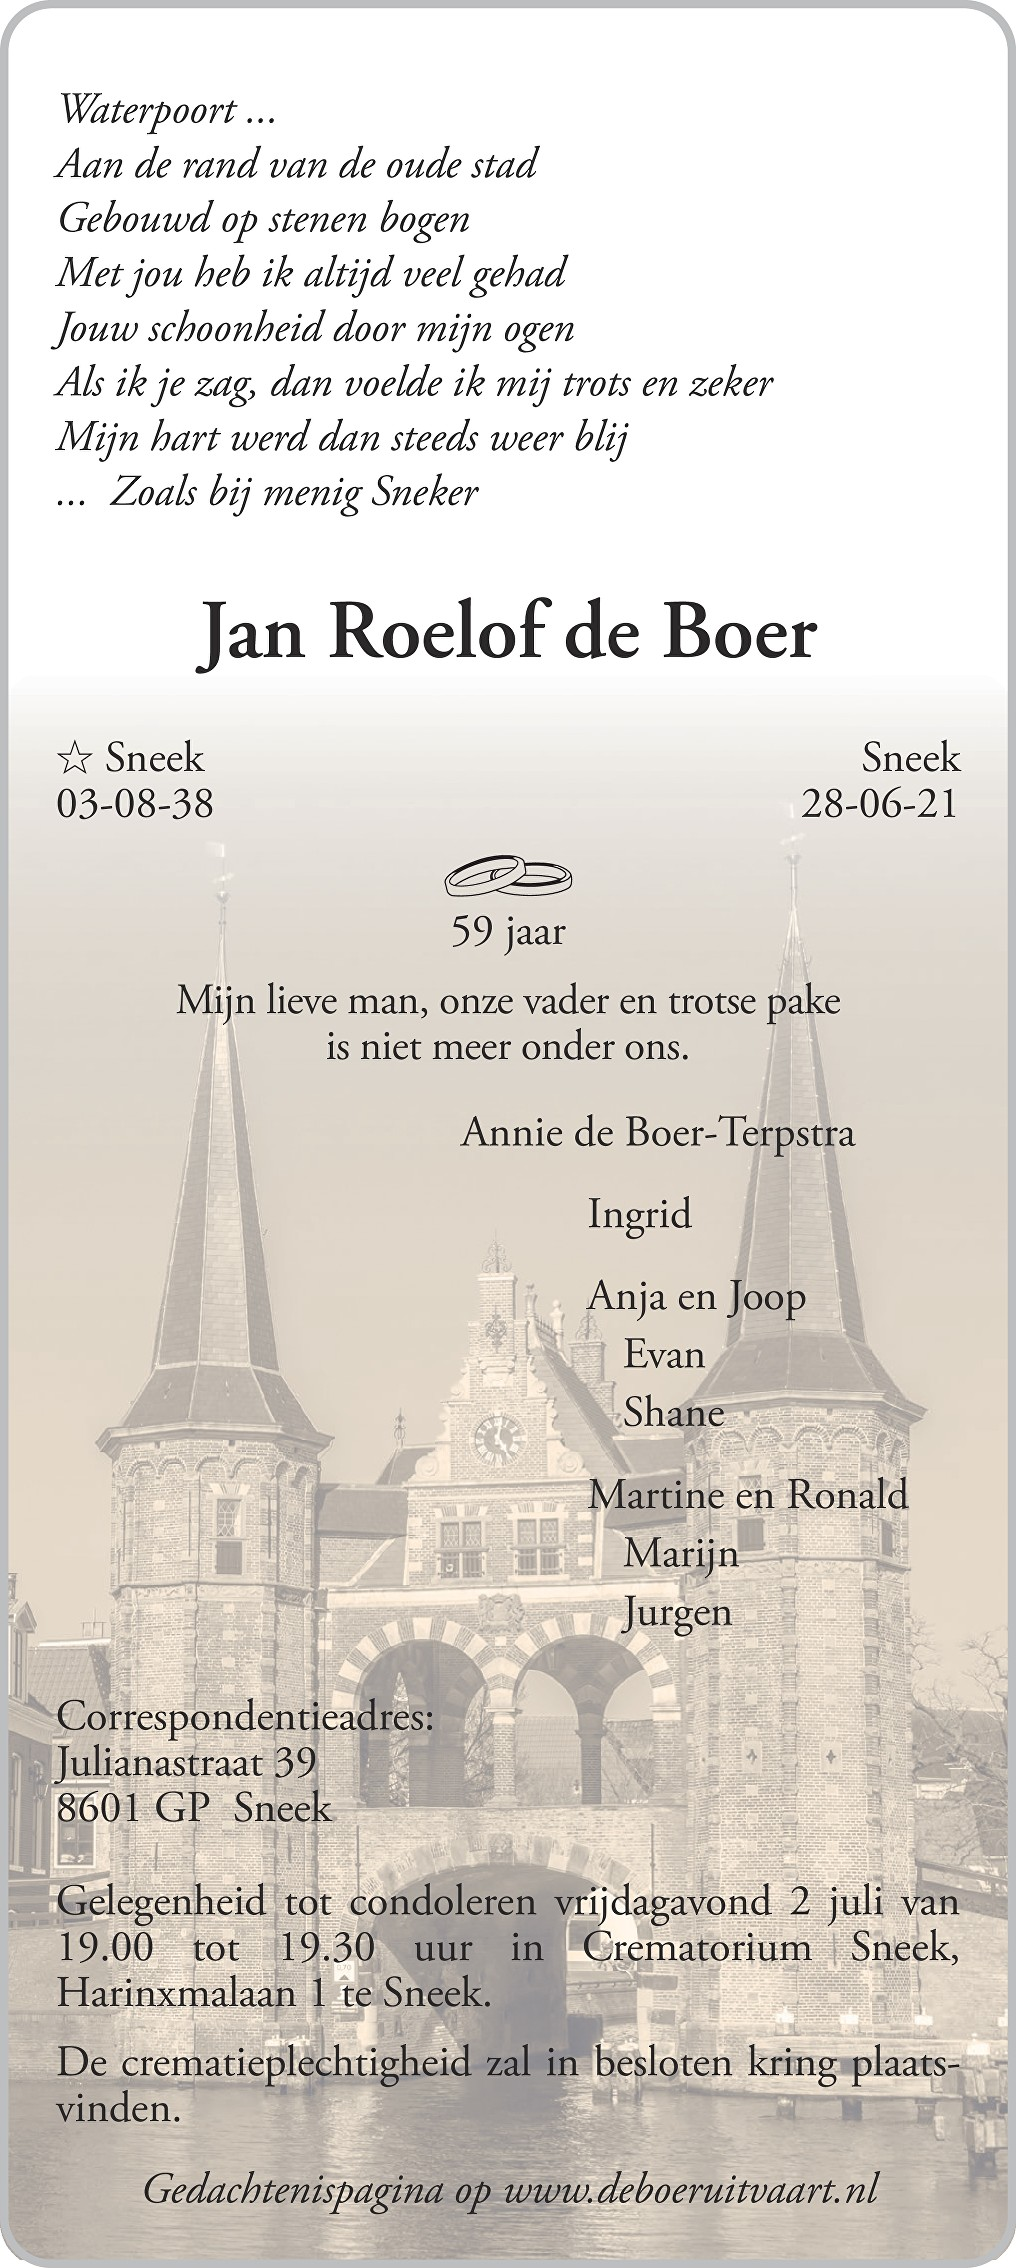 Jan Roelof de Boer Death notice